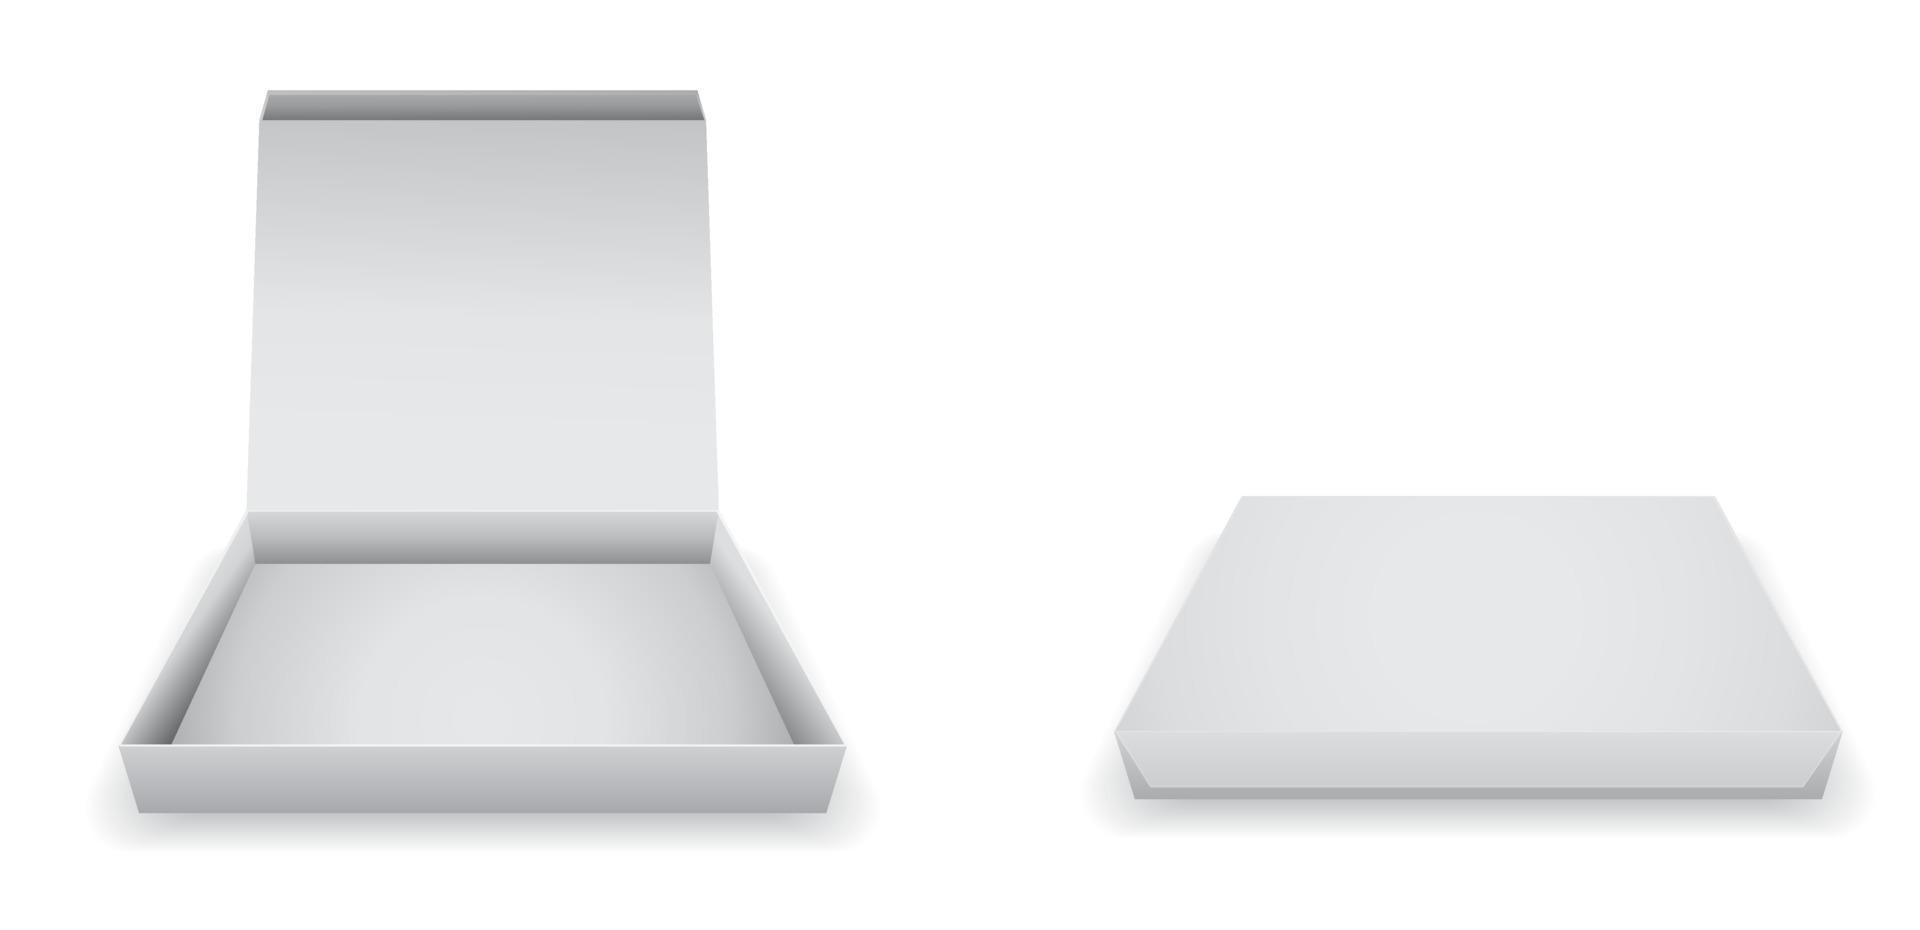 ícone 3d de caixa de pizza de papel vazia vetor